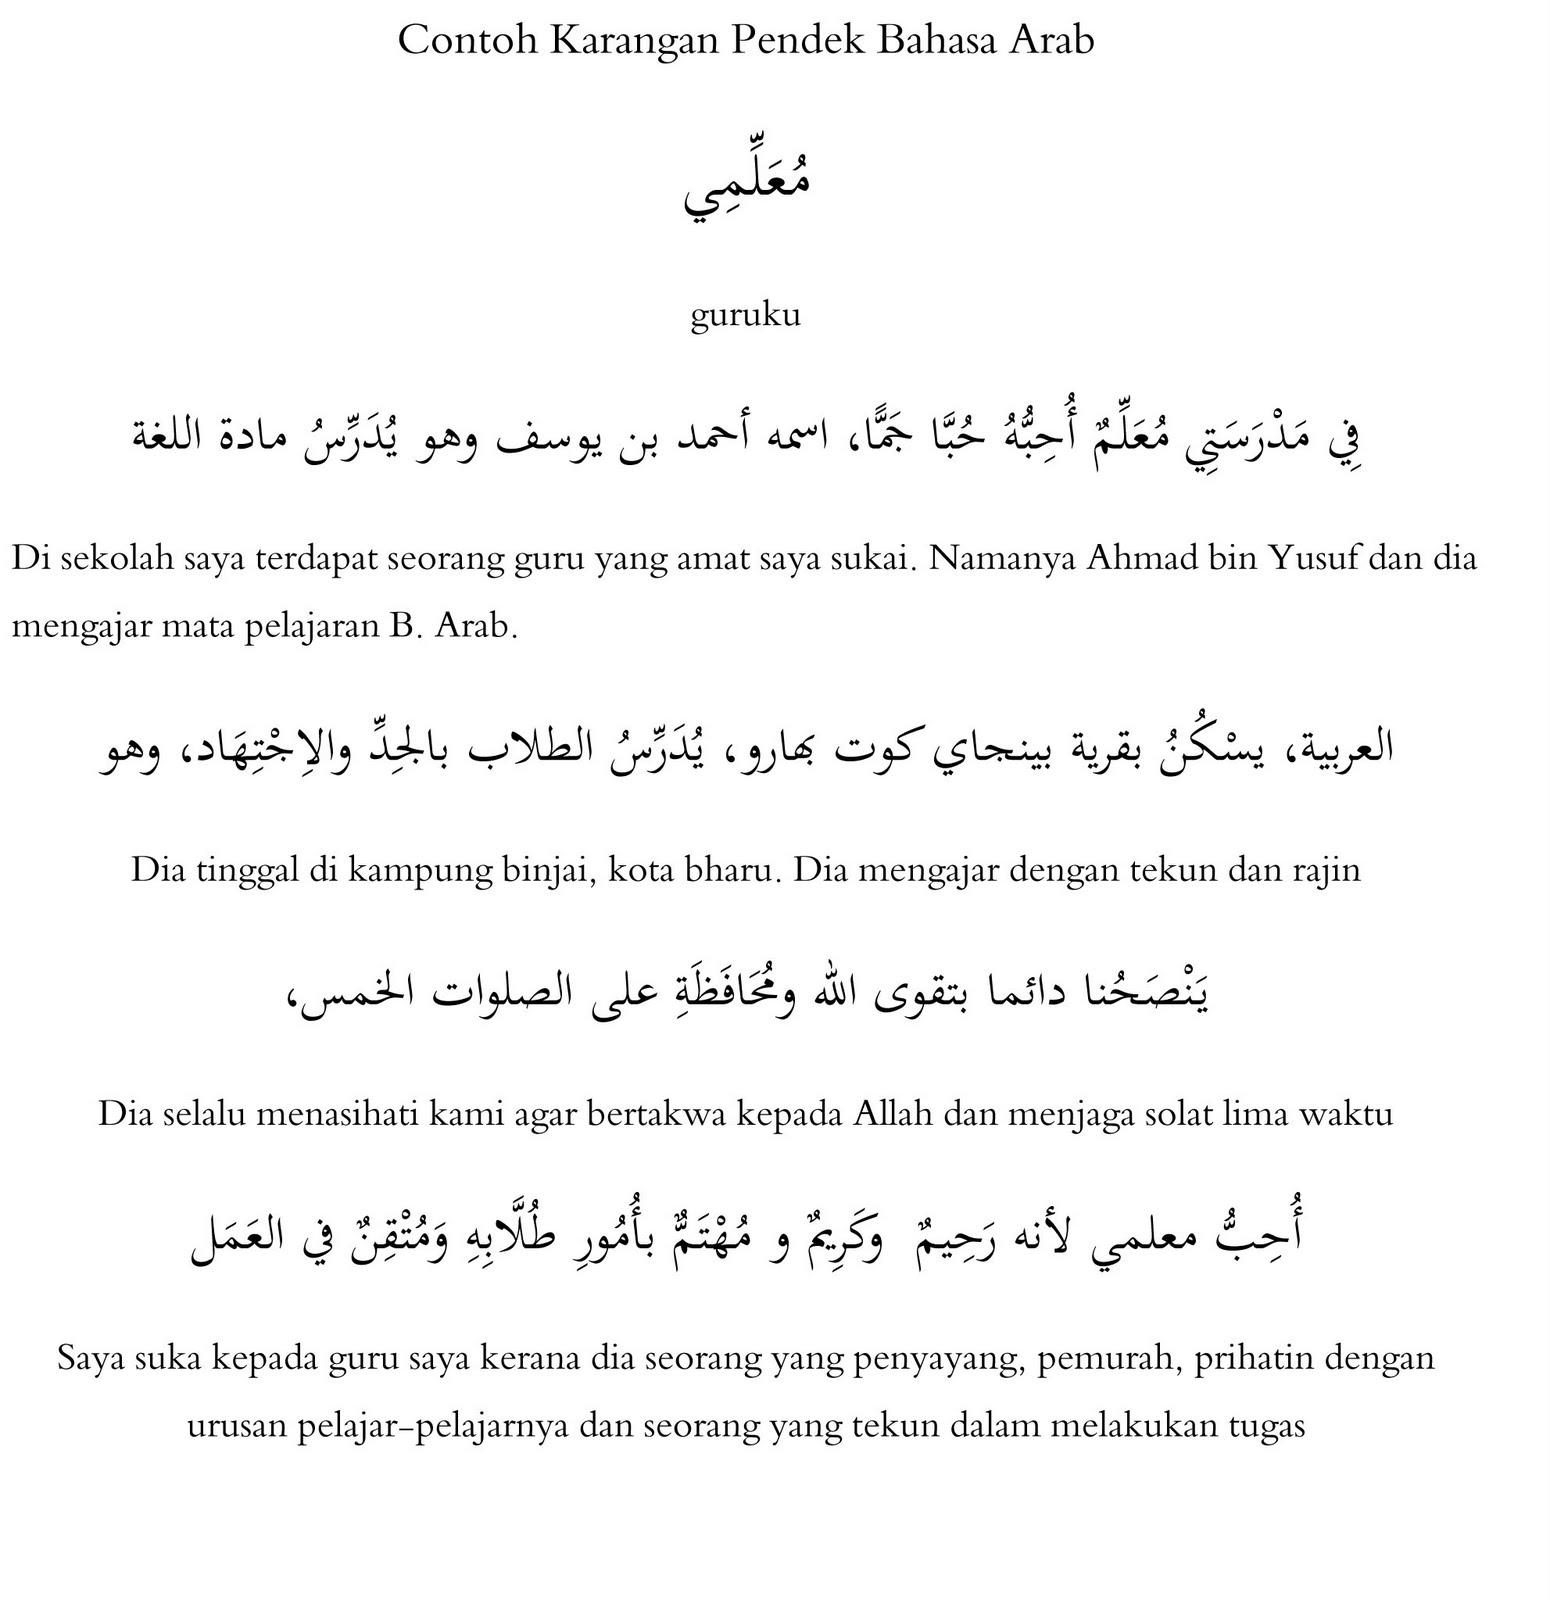 Contoh Contoh Karangan Argumentatif Contoh Tajuk Rencana Pendidikan Singkat Terbaru Results For Quot;perkembangan Bahasa Melayu Scribd Read Unlimited Books